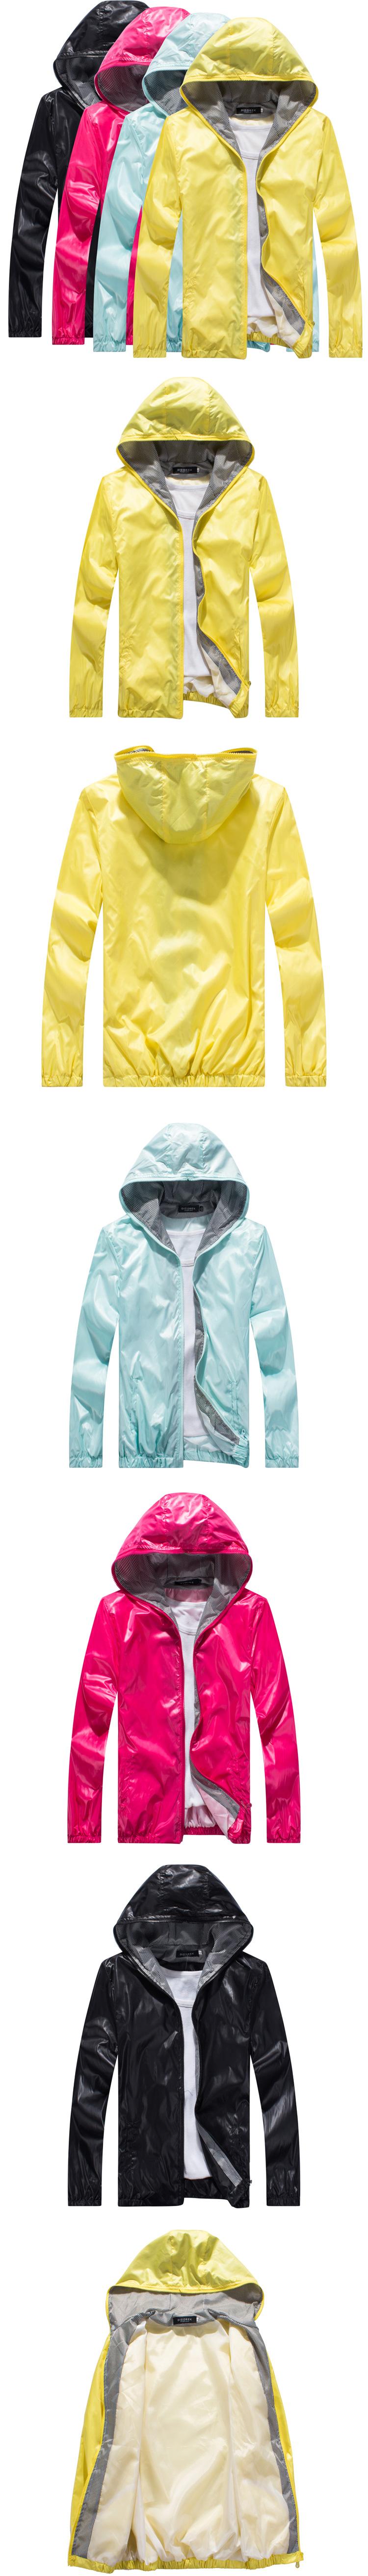 外套 情侶外套 個性外套   造型外套   潮流外套  亮面風衣休閒外套   【M50062】艾咪E舖